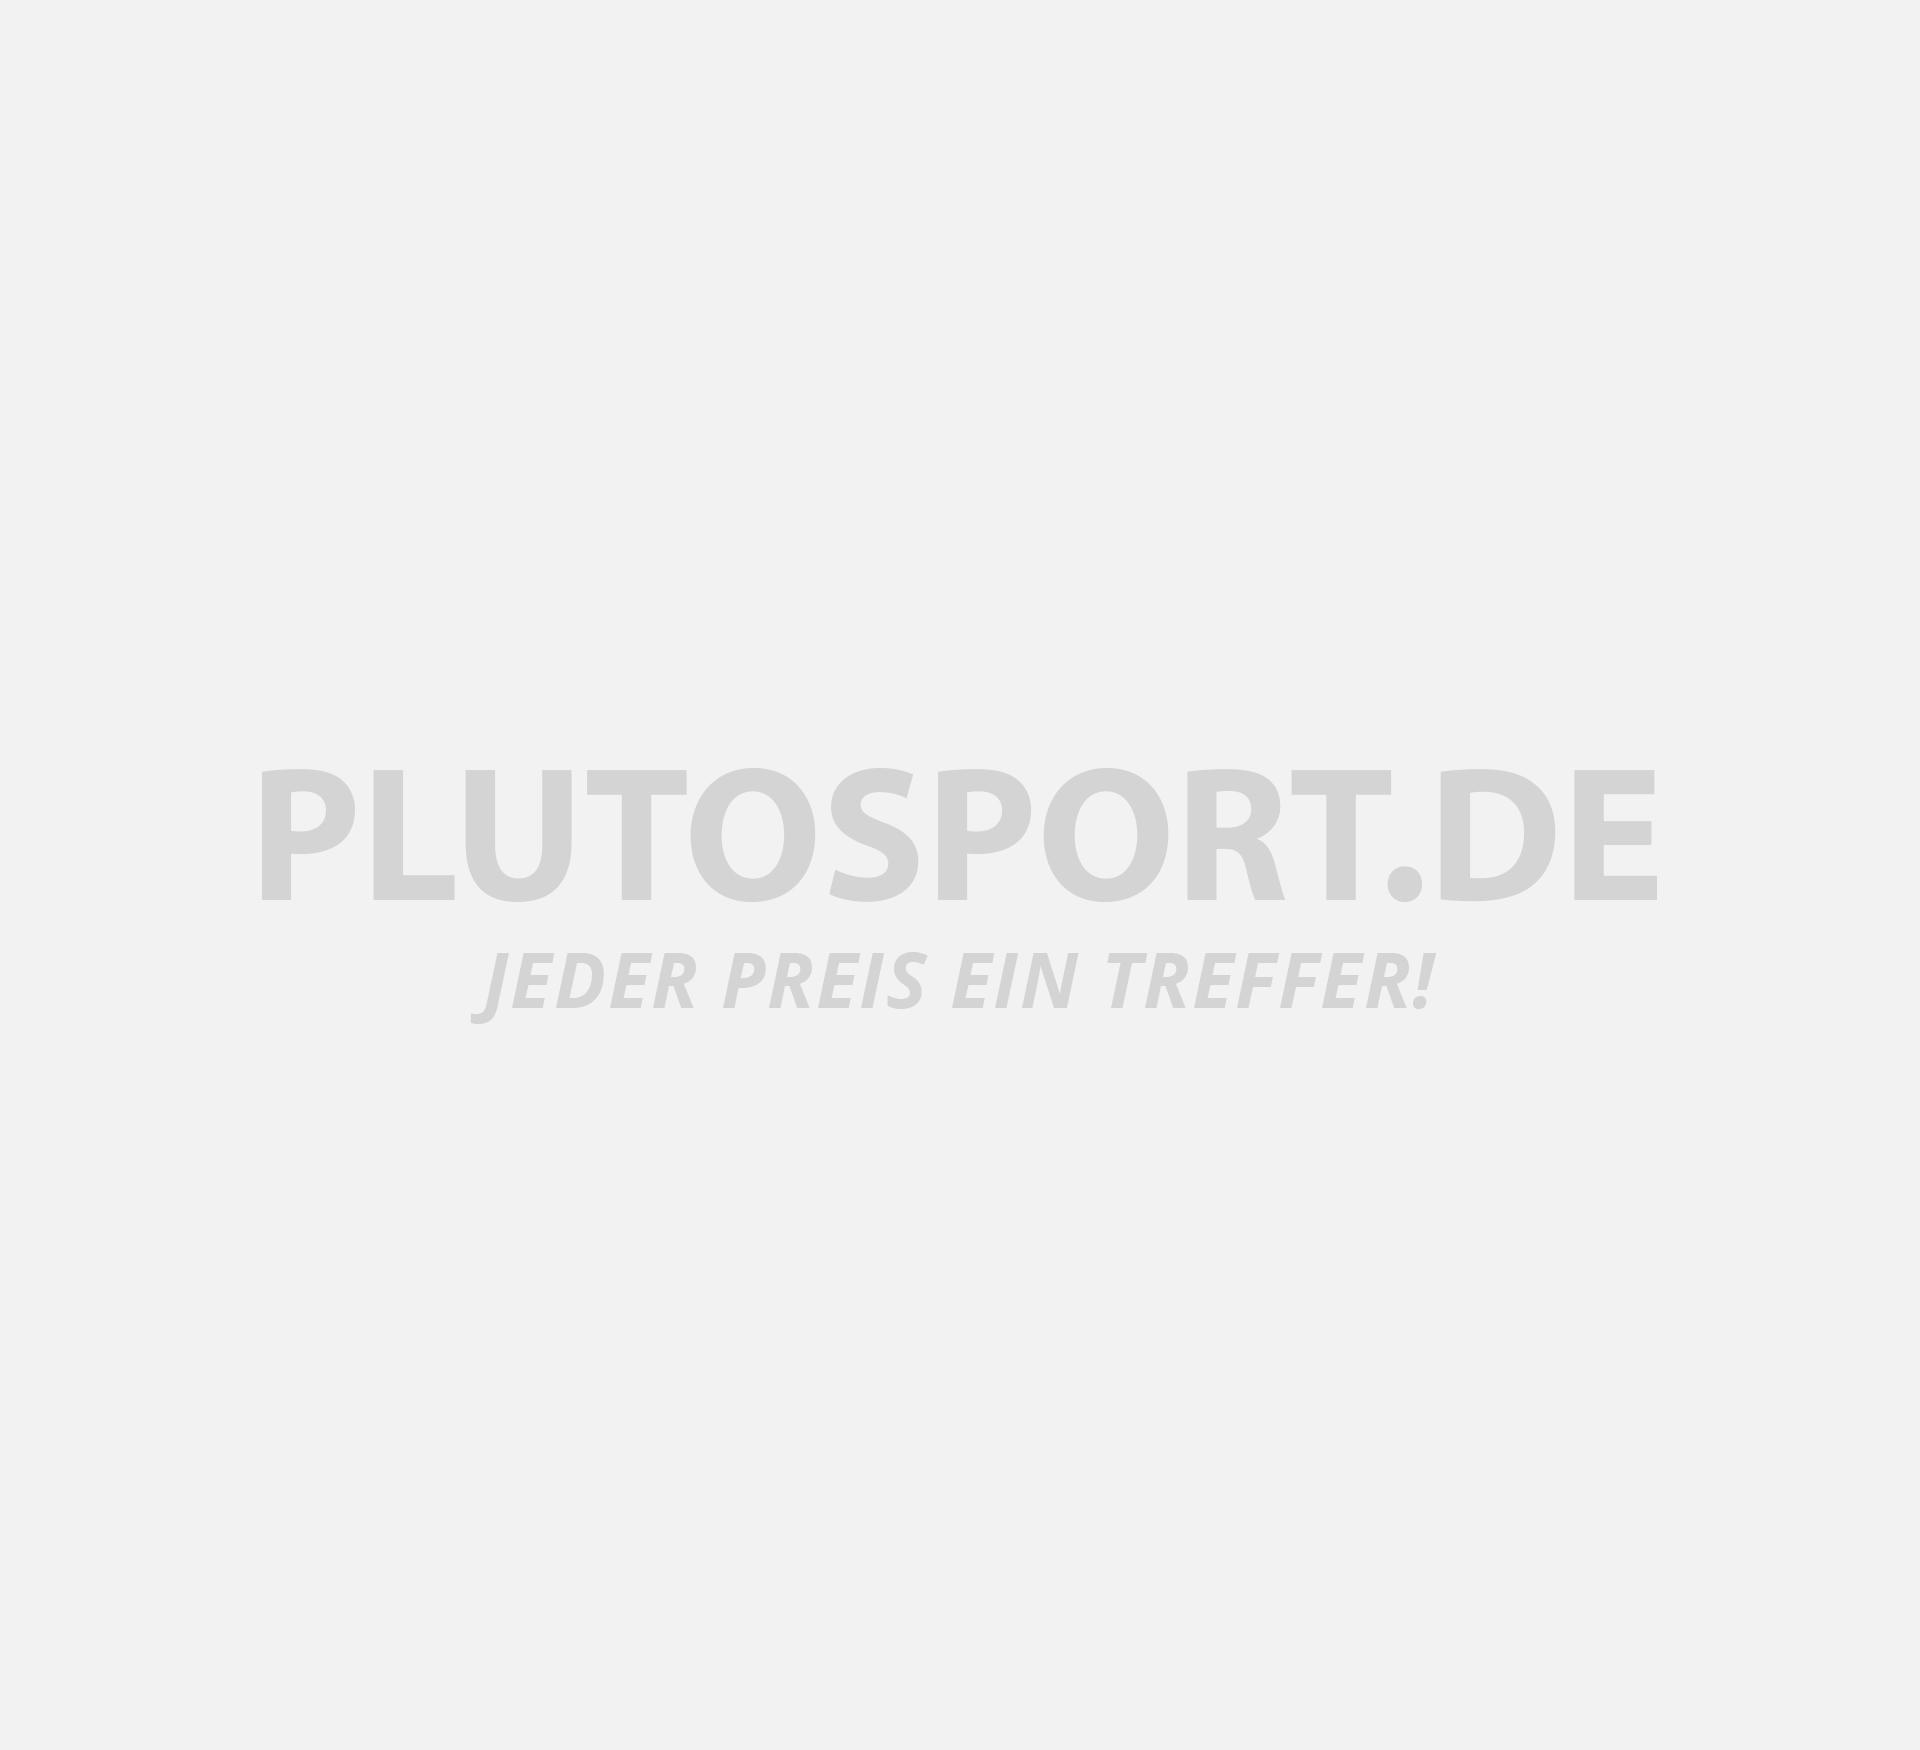 Reusch Pure Contact 3 S1 Torwarthandschuhe Kinder